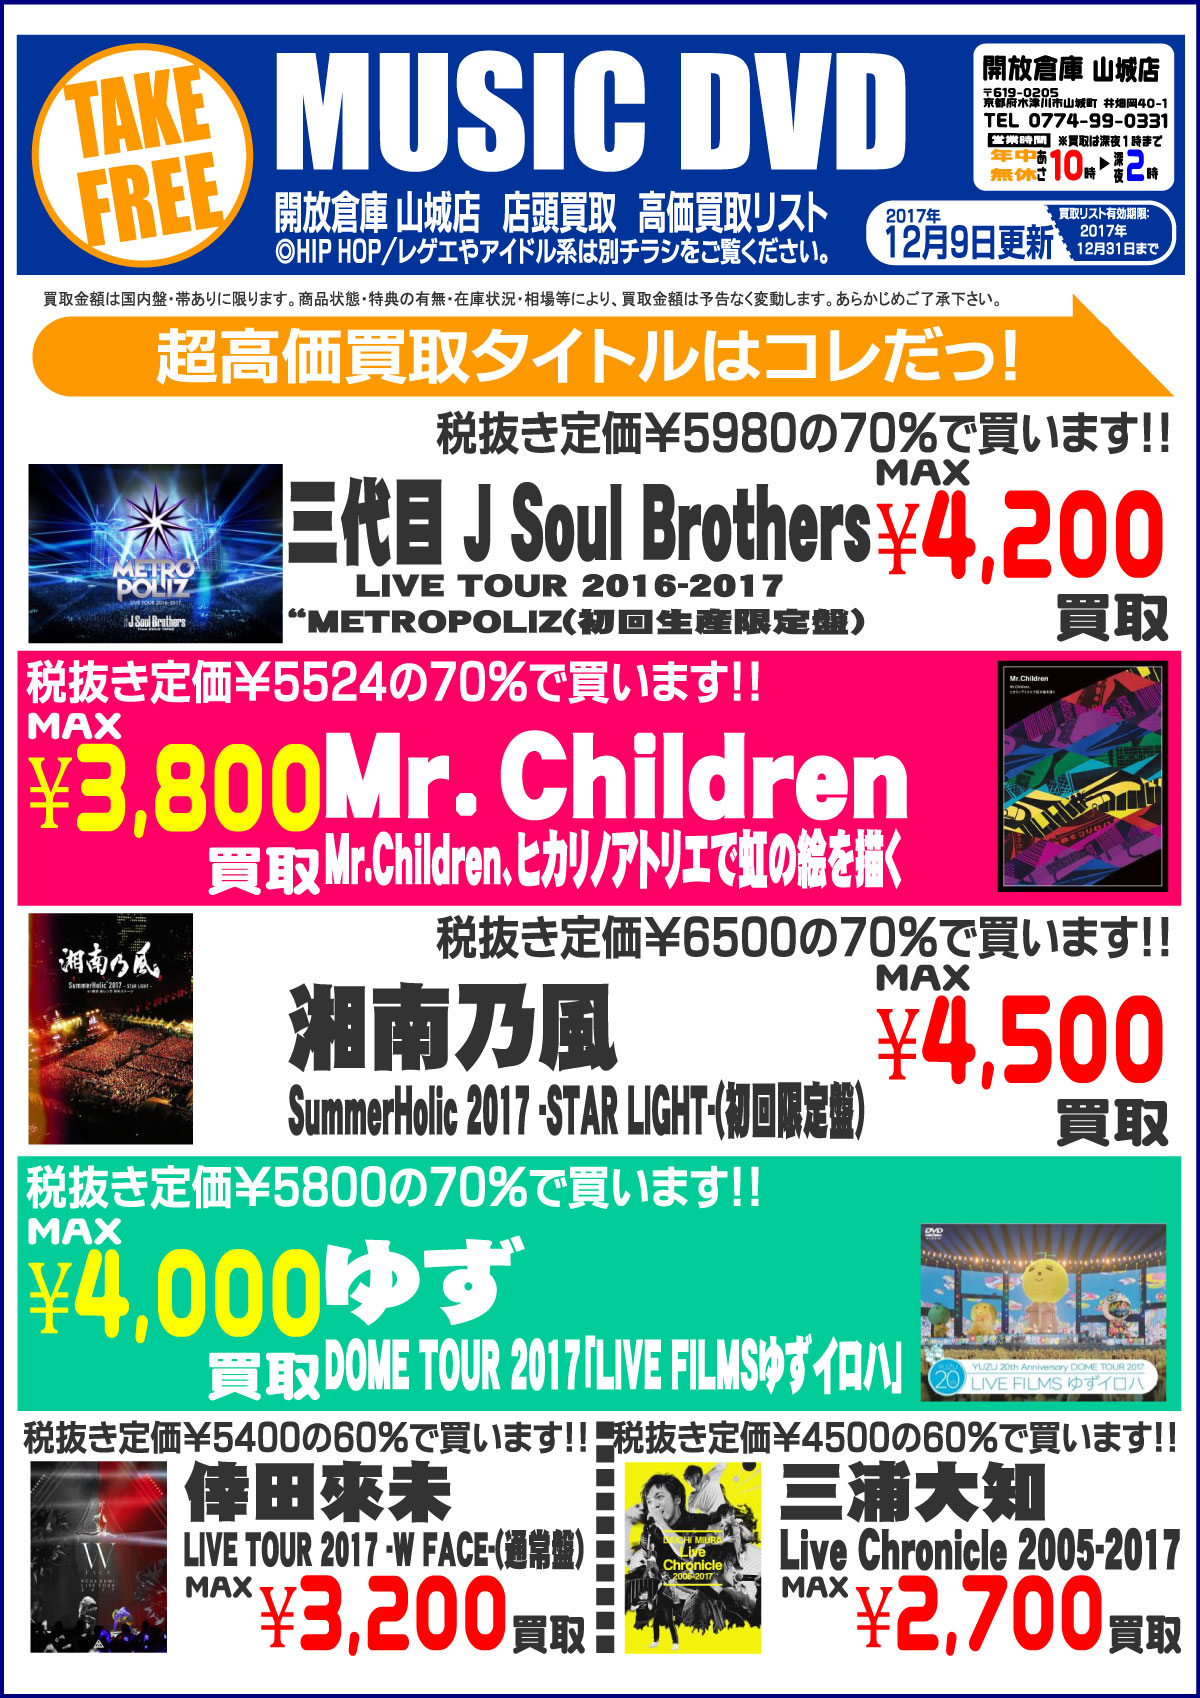 「開放倉庫山城店」CDコーナー<MUSIC DVD買取リスト>超高価買取タイトルはコレだっ!三代目 J Soul Brothers、Mr.Children、湘南乃風、ゆず、倖田來未、三浦大知などなど